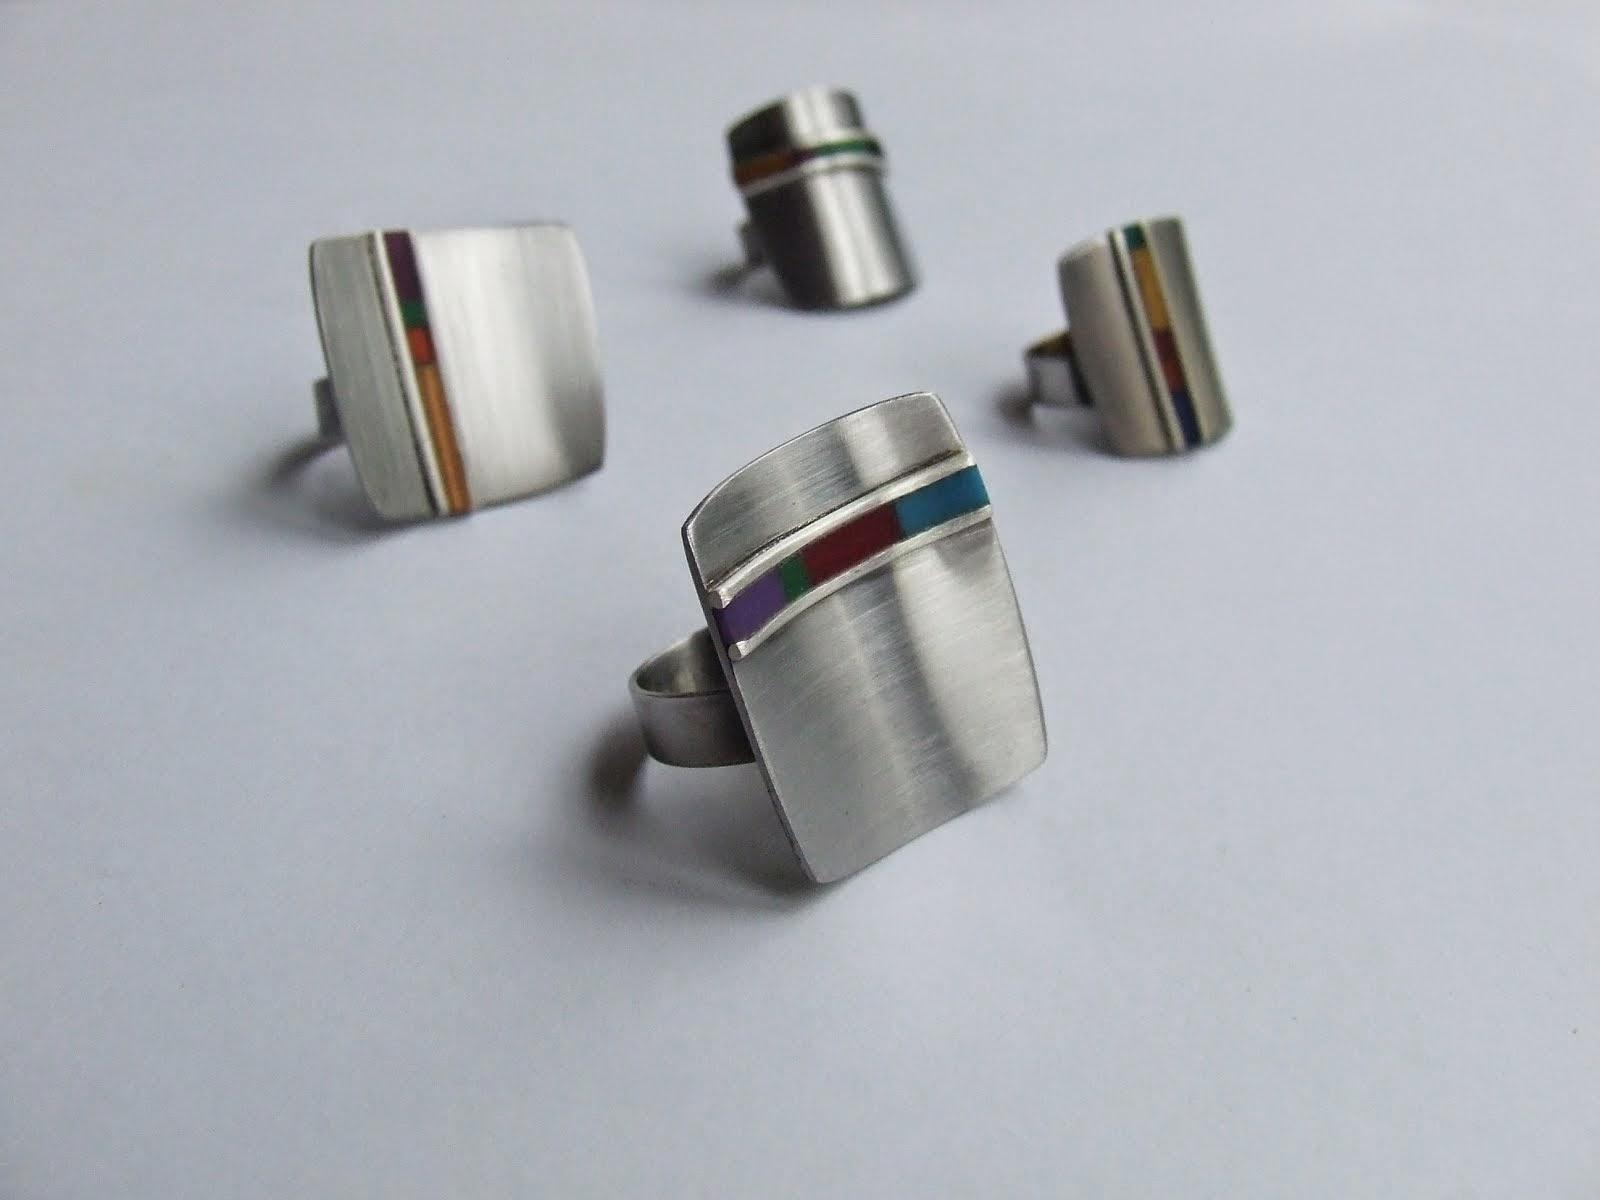 Joyas BIU Joyas de Acero Anillos PAGINA 1 - imagenes de anillos de acero